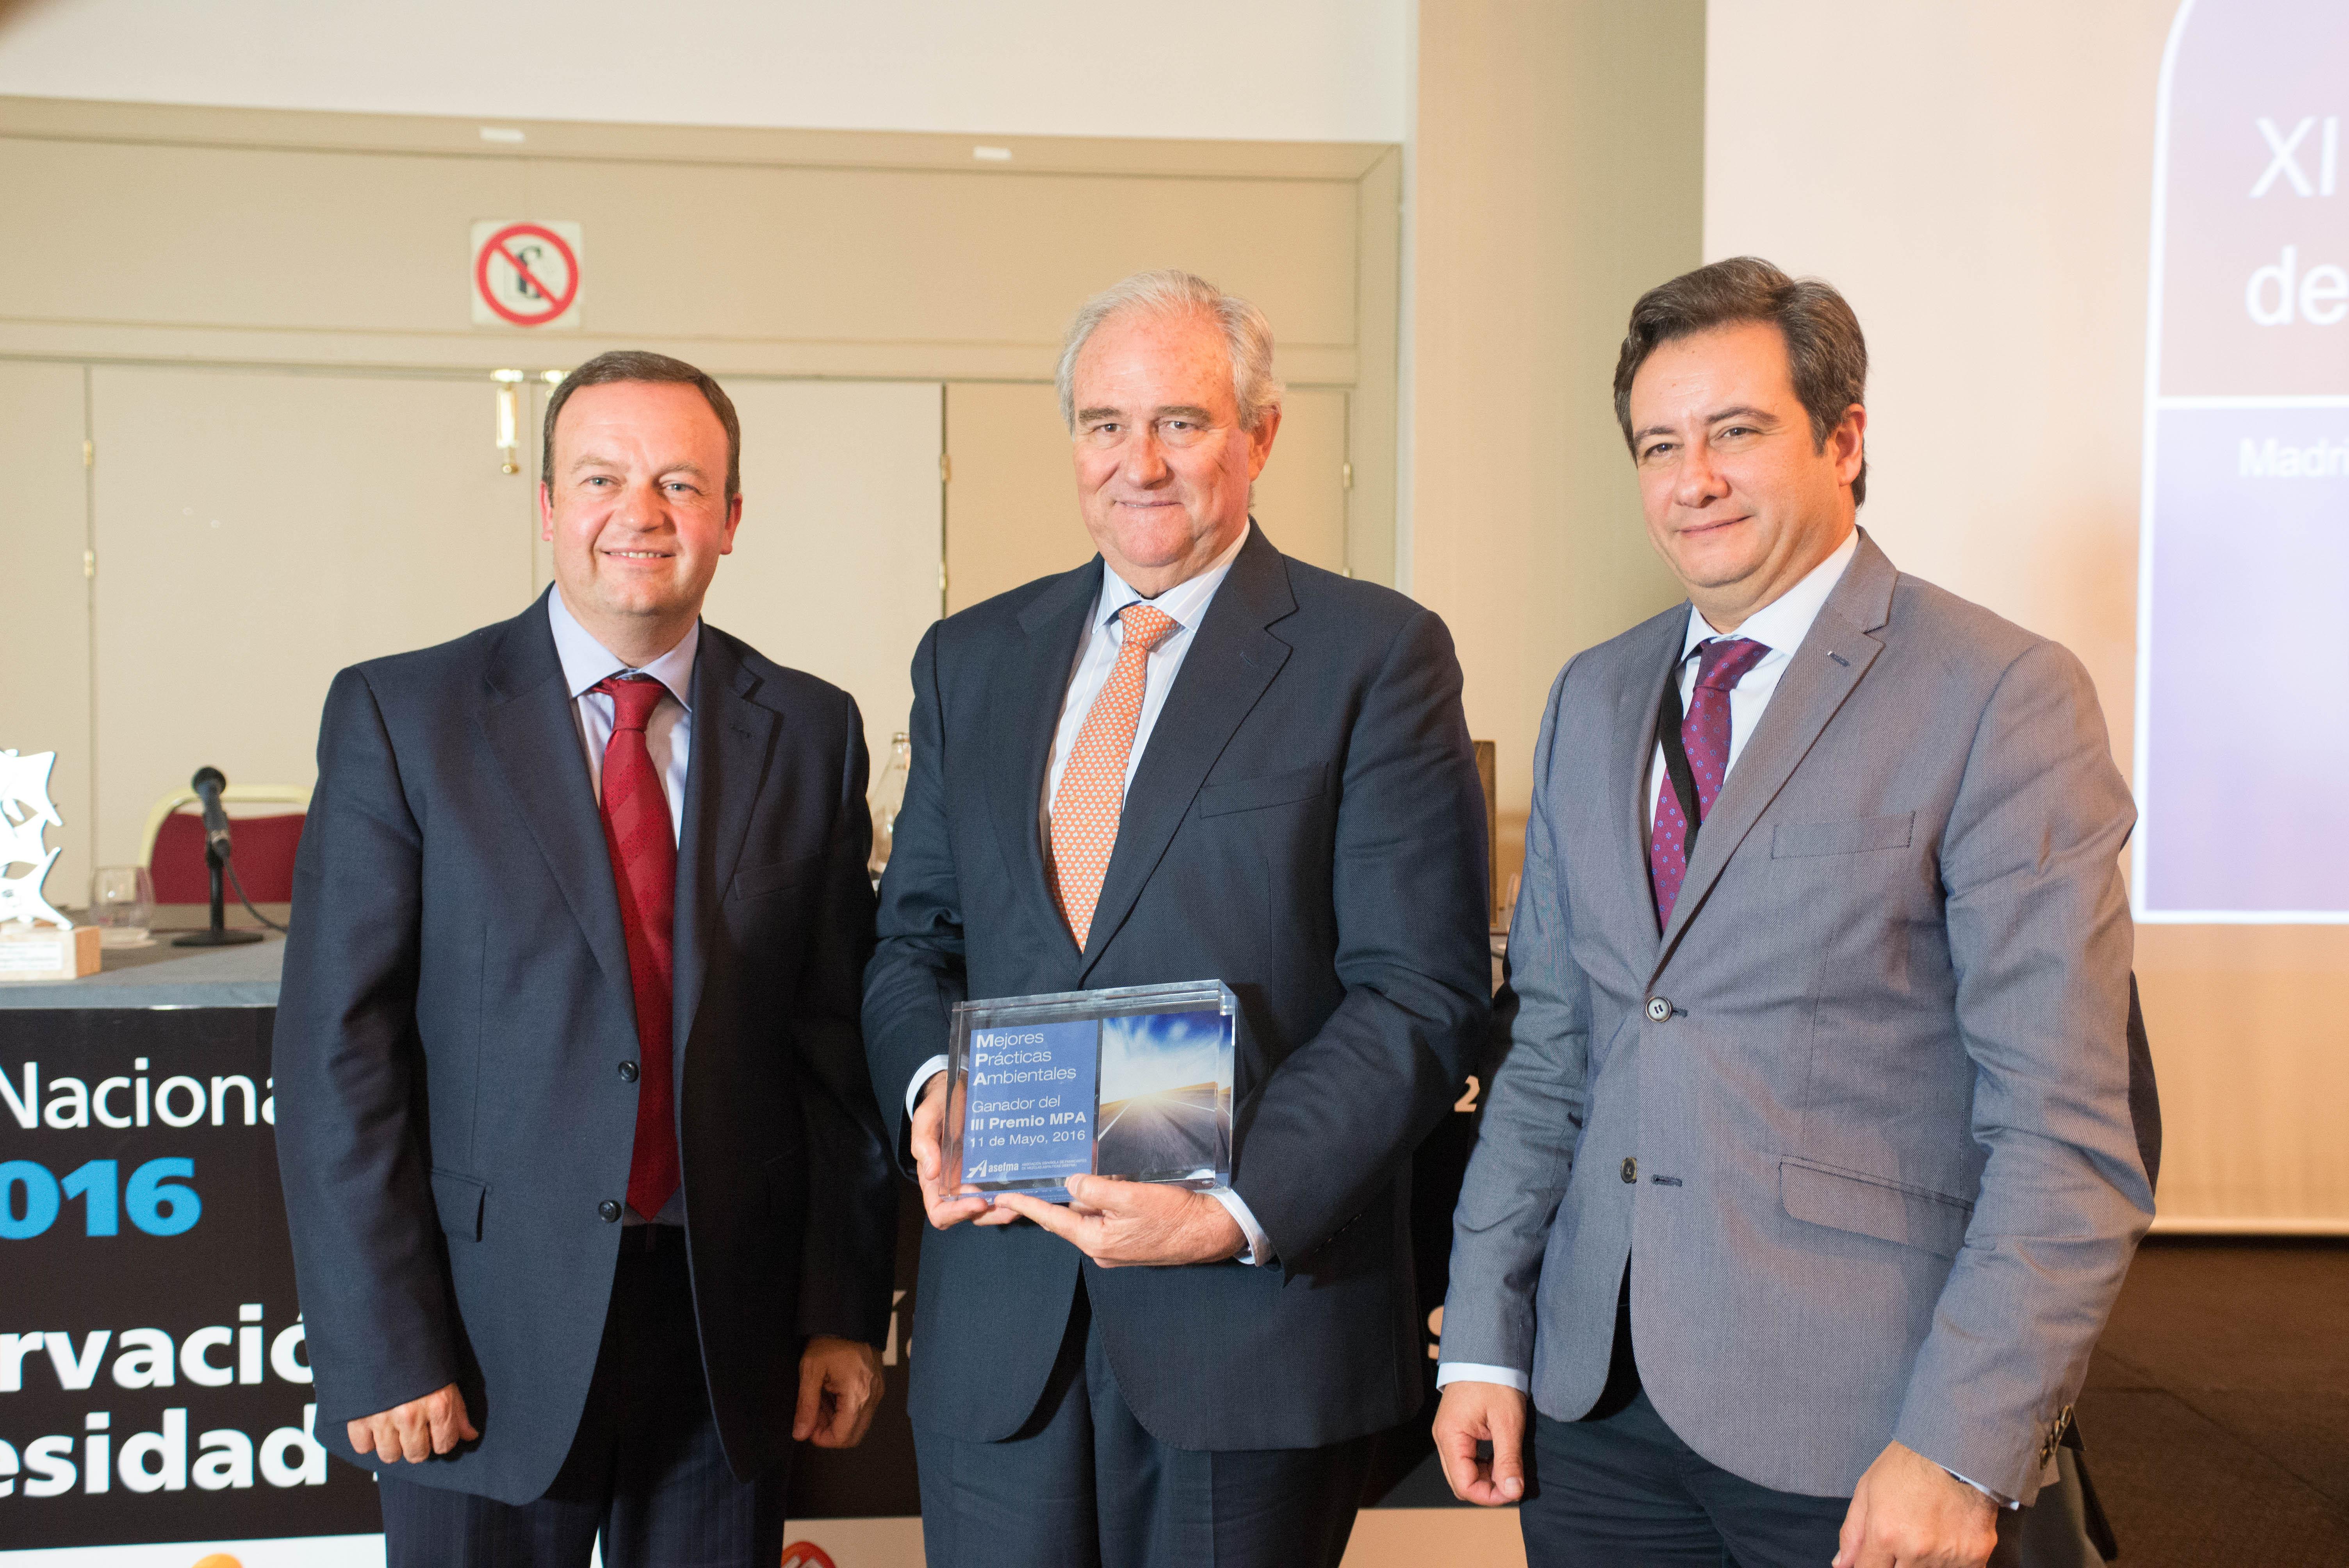 Galardonados del III Premio de ASEFMA a las mejores prácticas ambientales (MPA) en pavimentación asfáltica